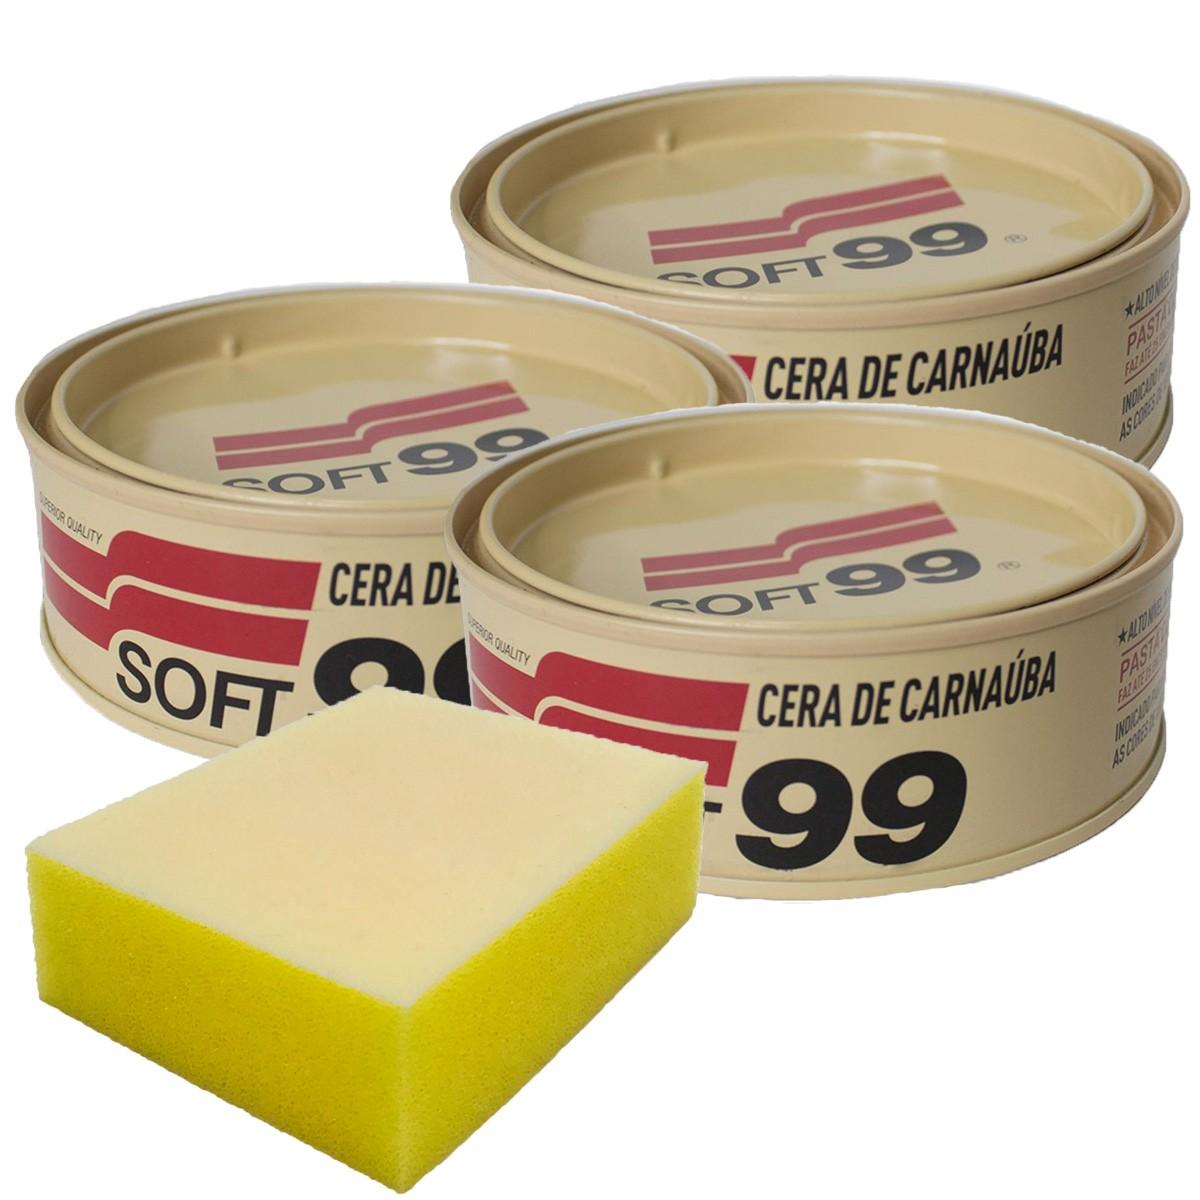 Kit Cera de Carnaúba All Color Soft99 + Brinde Aplicador